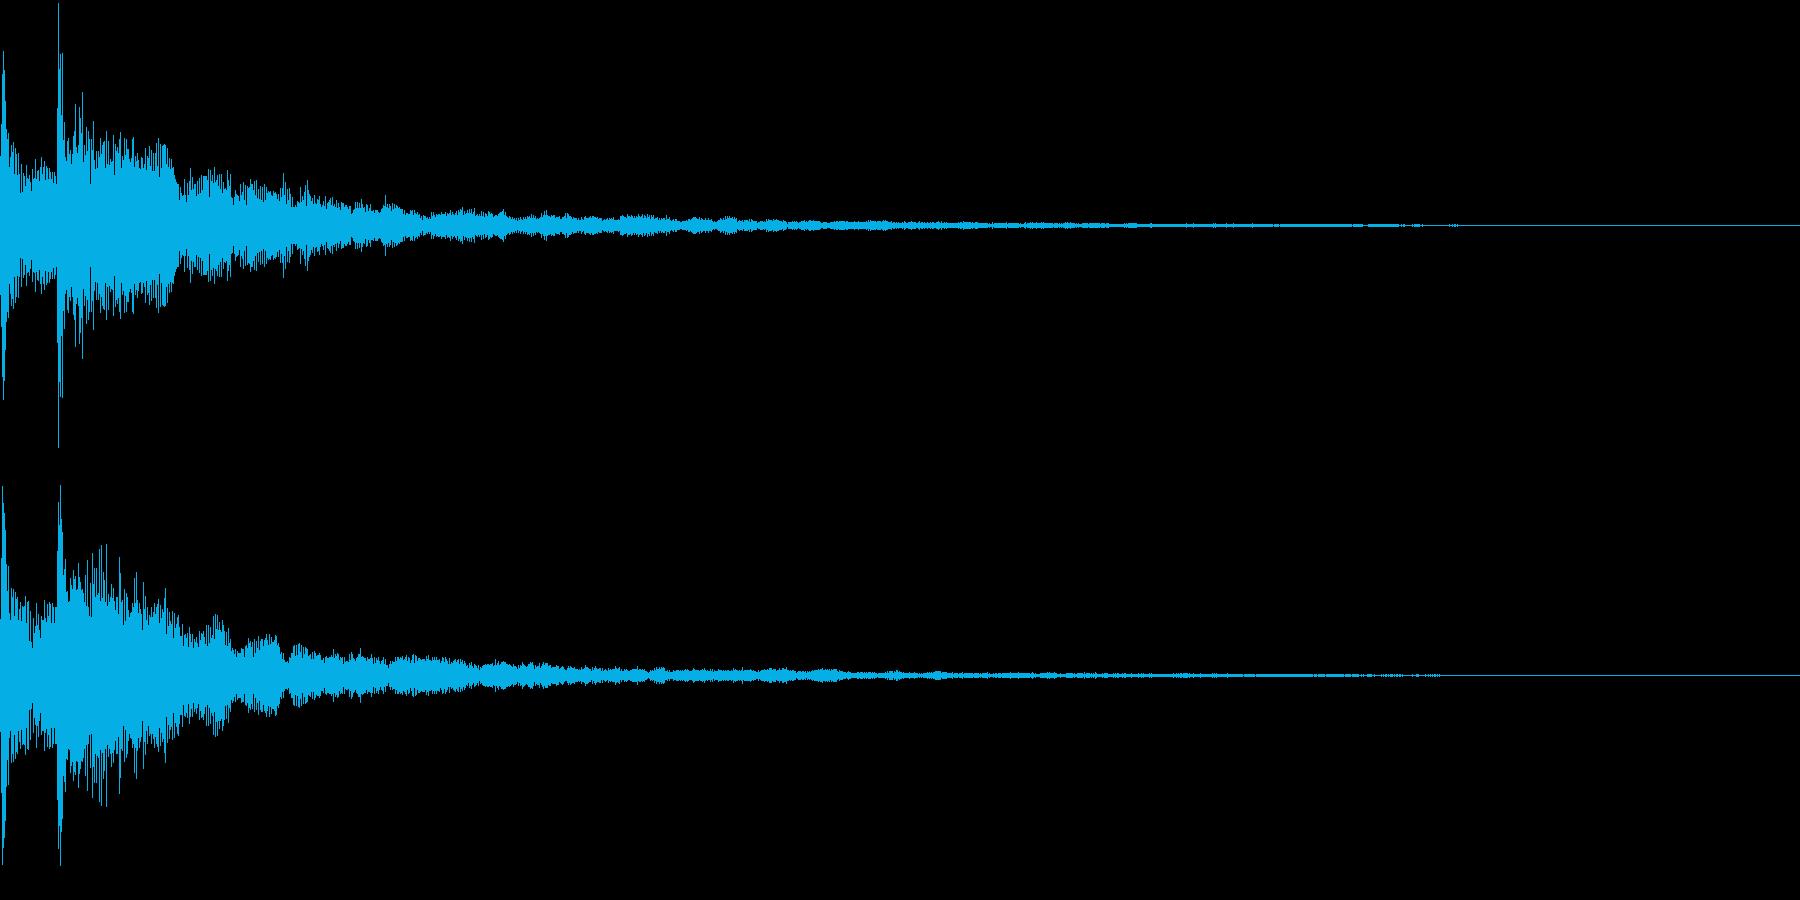 Game ガチャ・ノーマルレア獲得SEの再生済みの波形